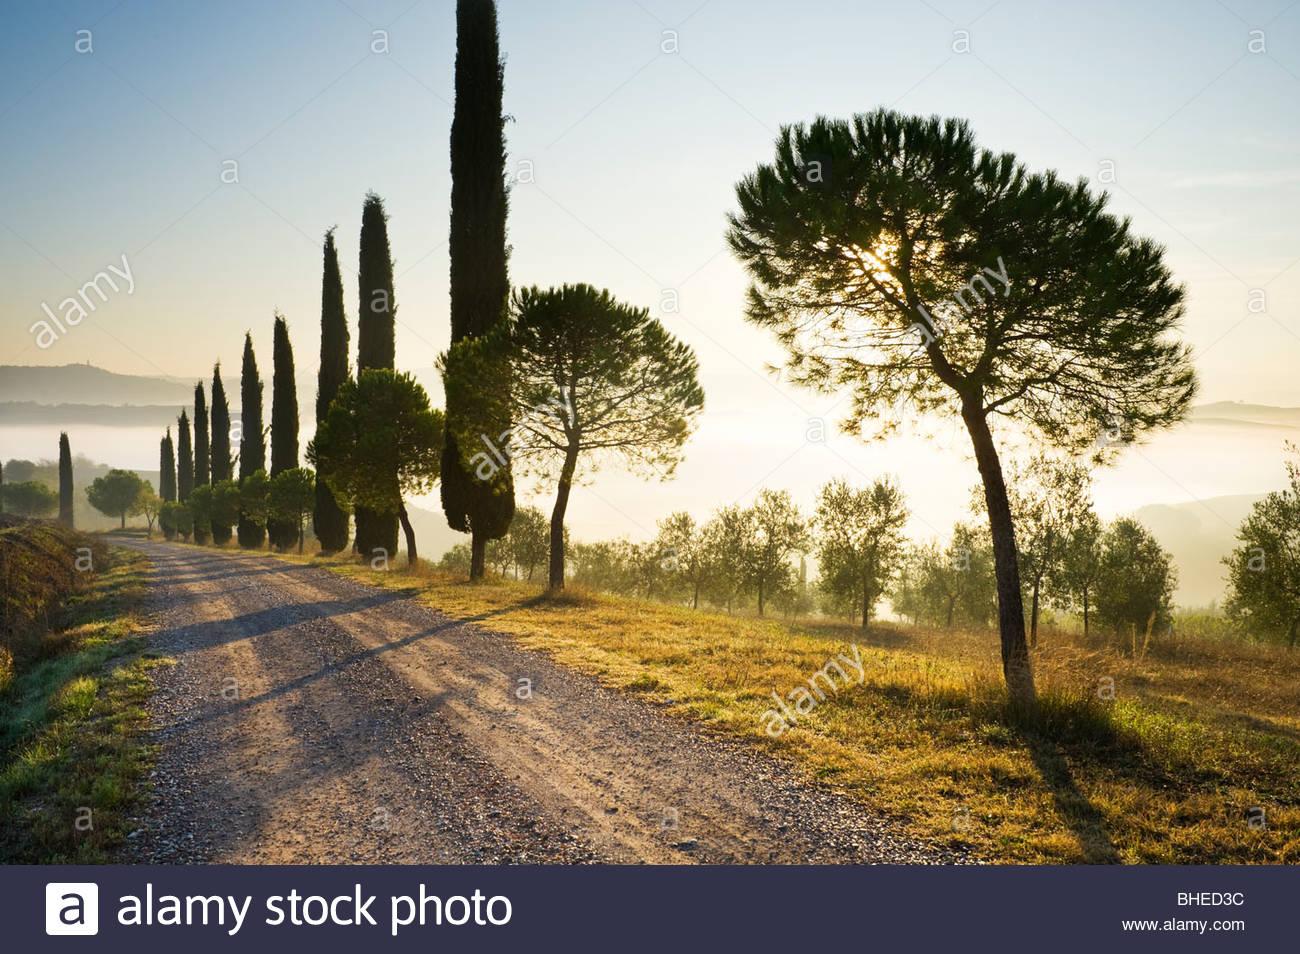 La voie bordée de cyprès, près de San Quirico d'Orcia, Val D'Orcia, Toscane, Italie. Photo Stock